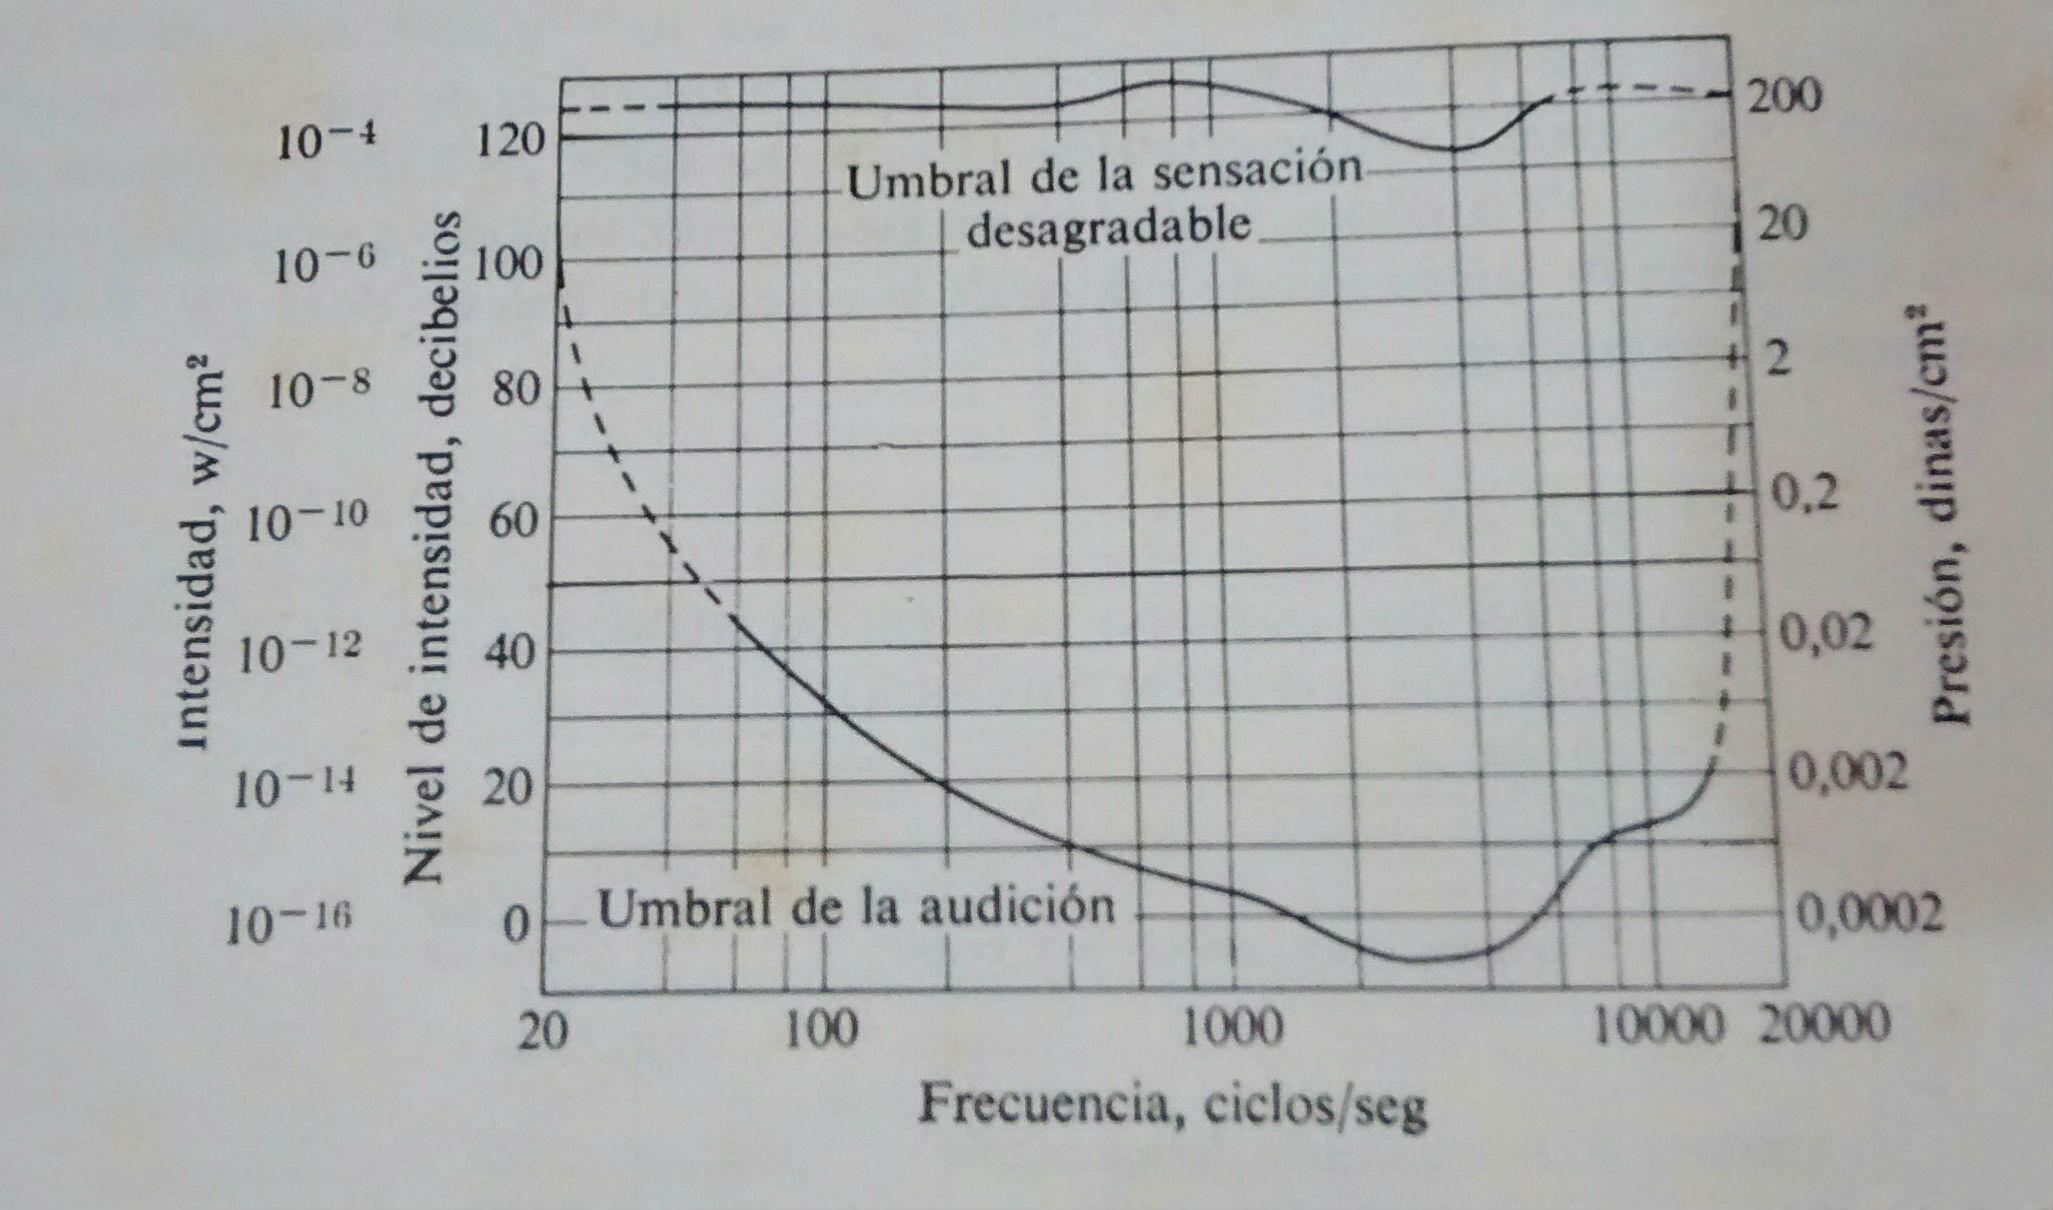 umbral-de-audicion